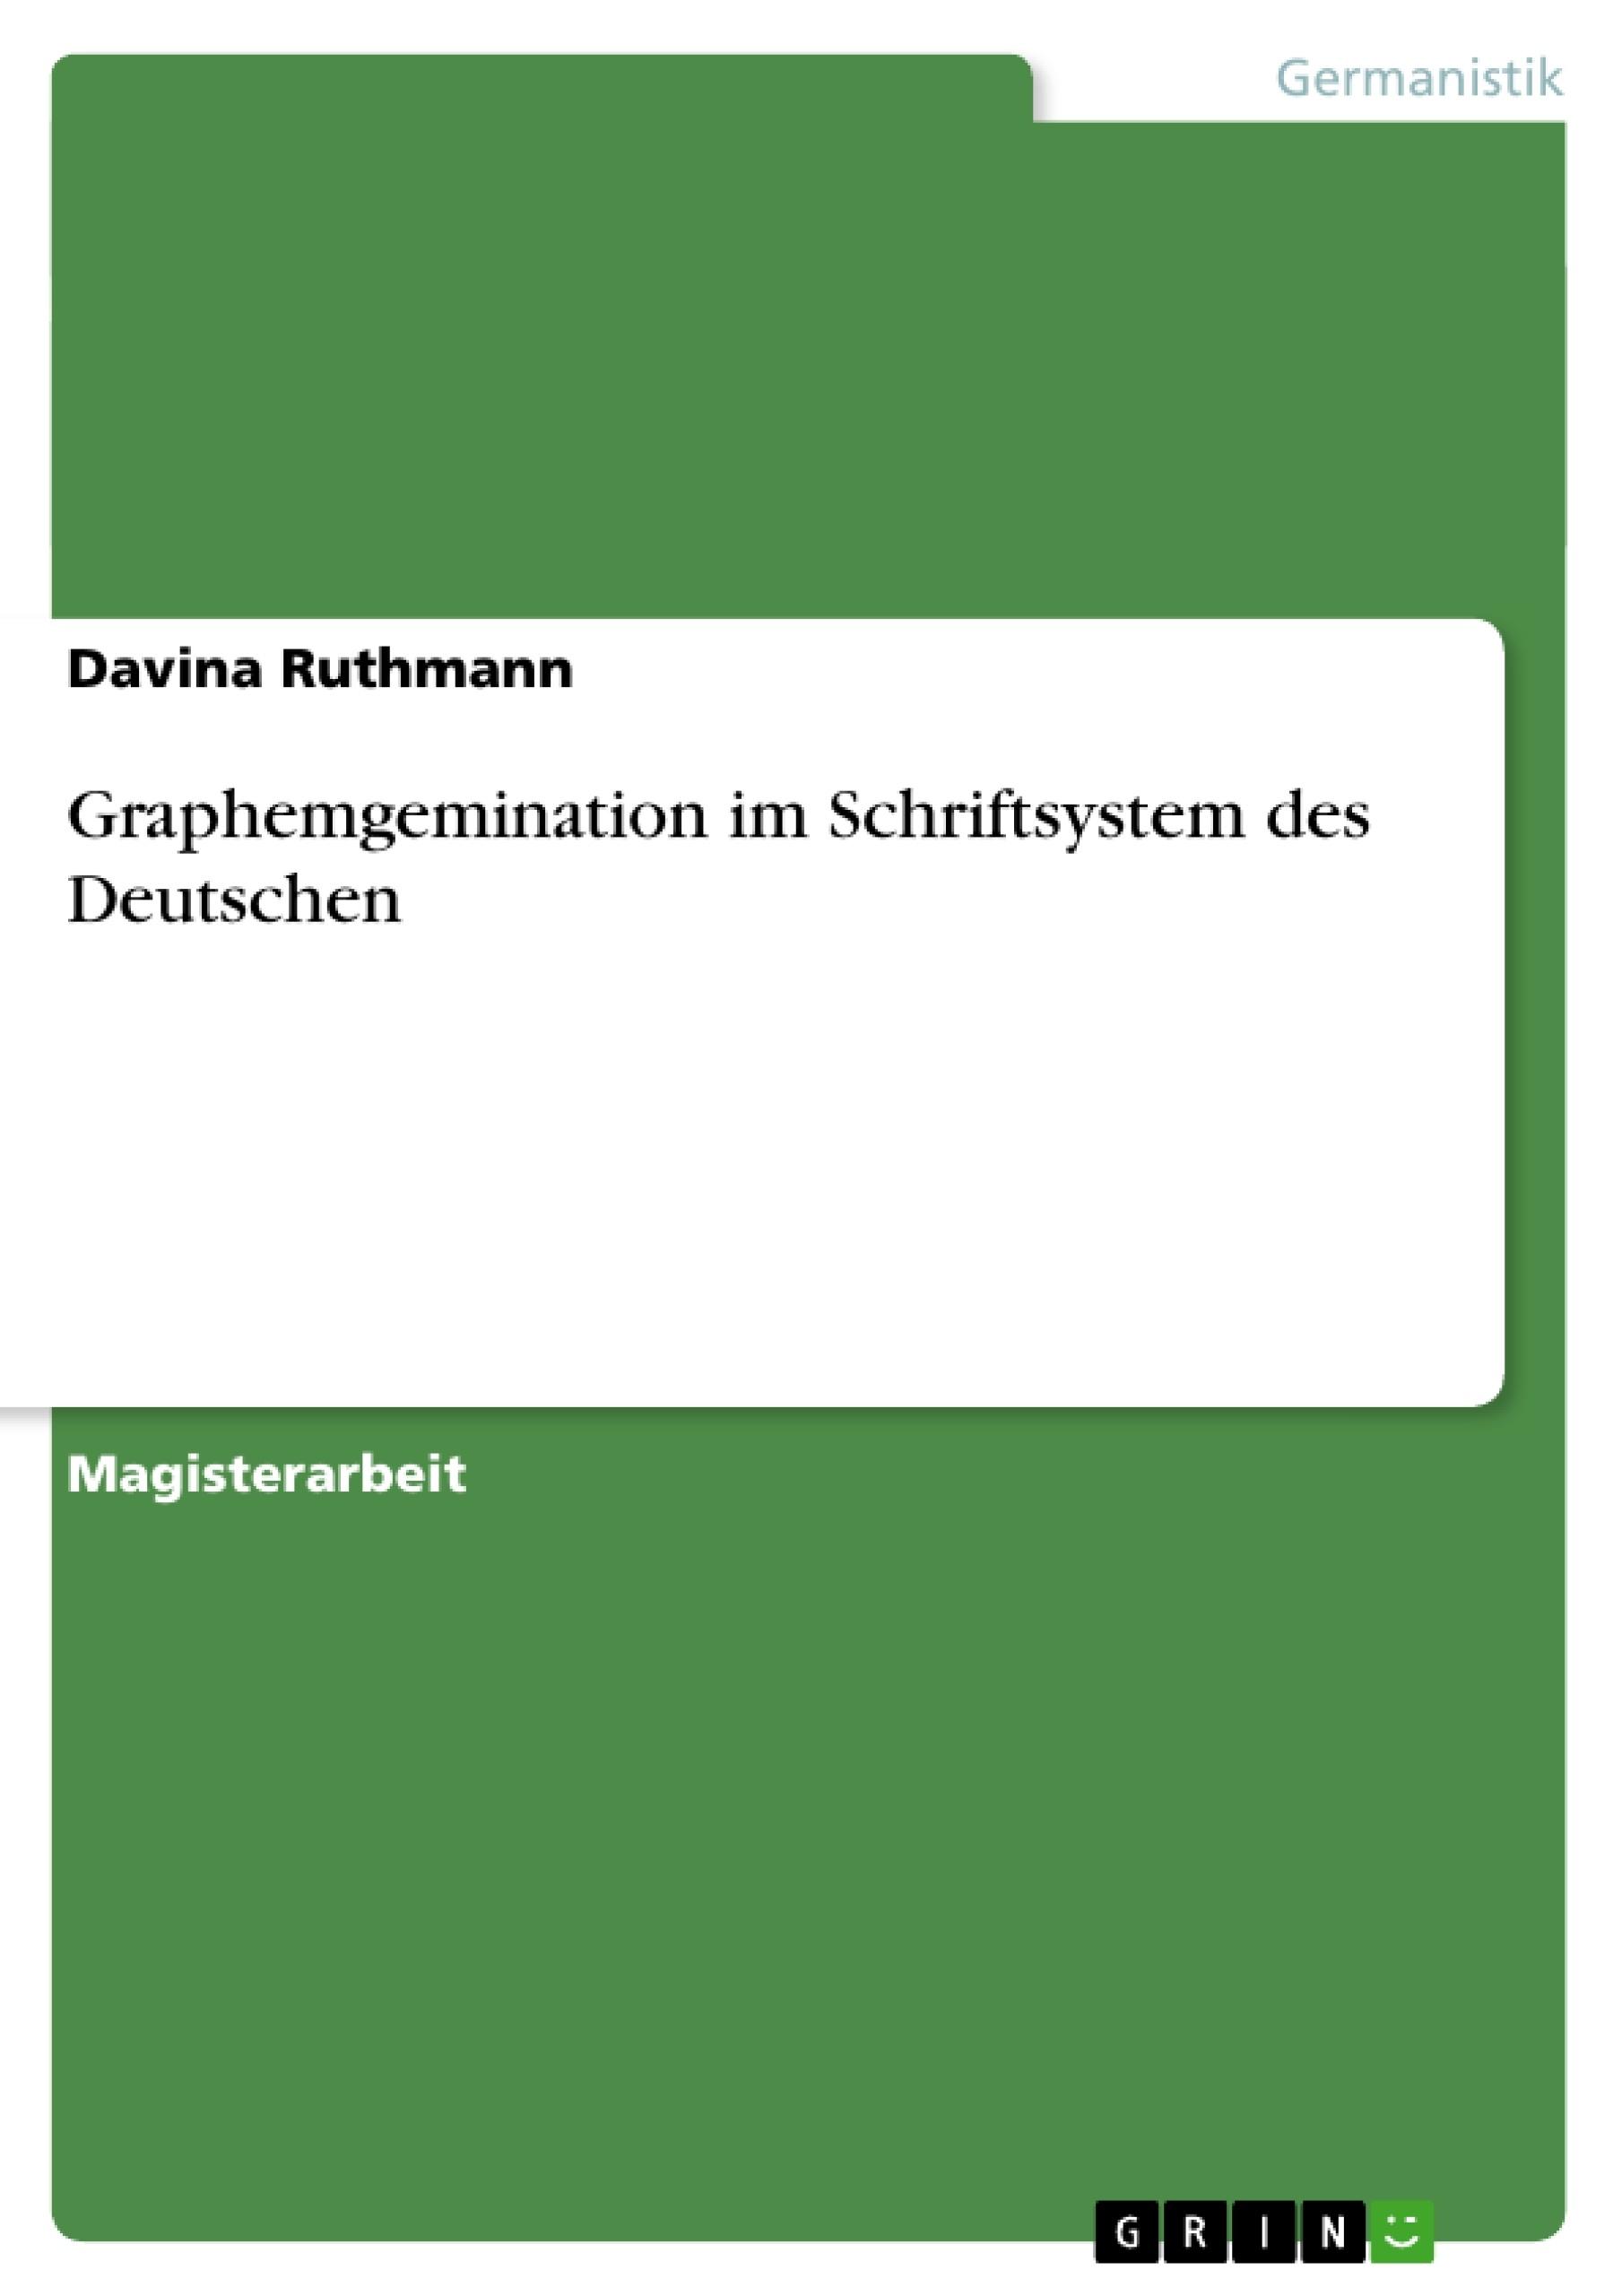 Titel: Graphemgemination im Schriftsystem des Deutschen